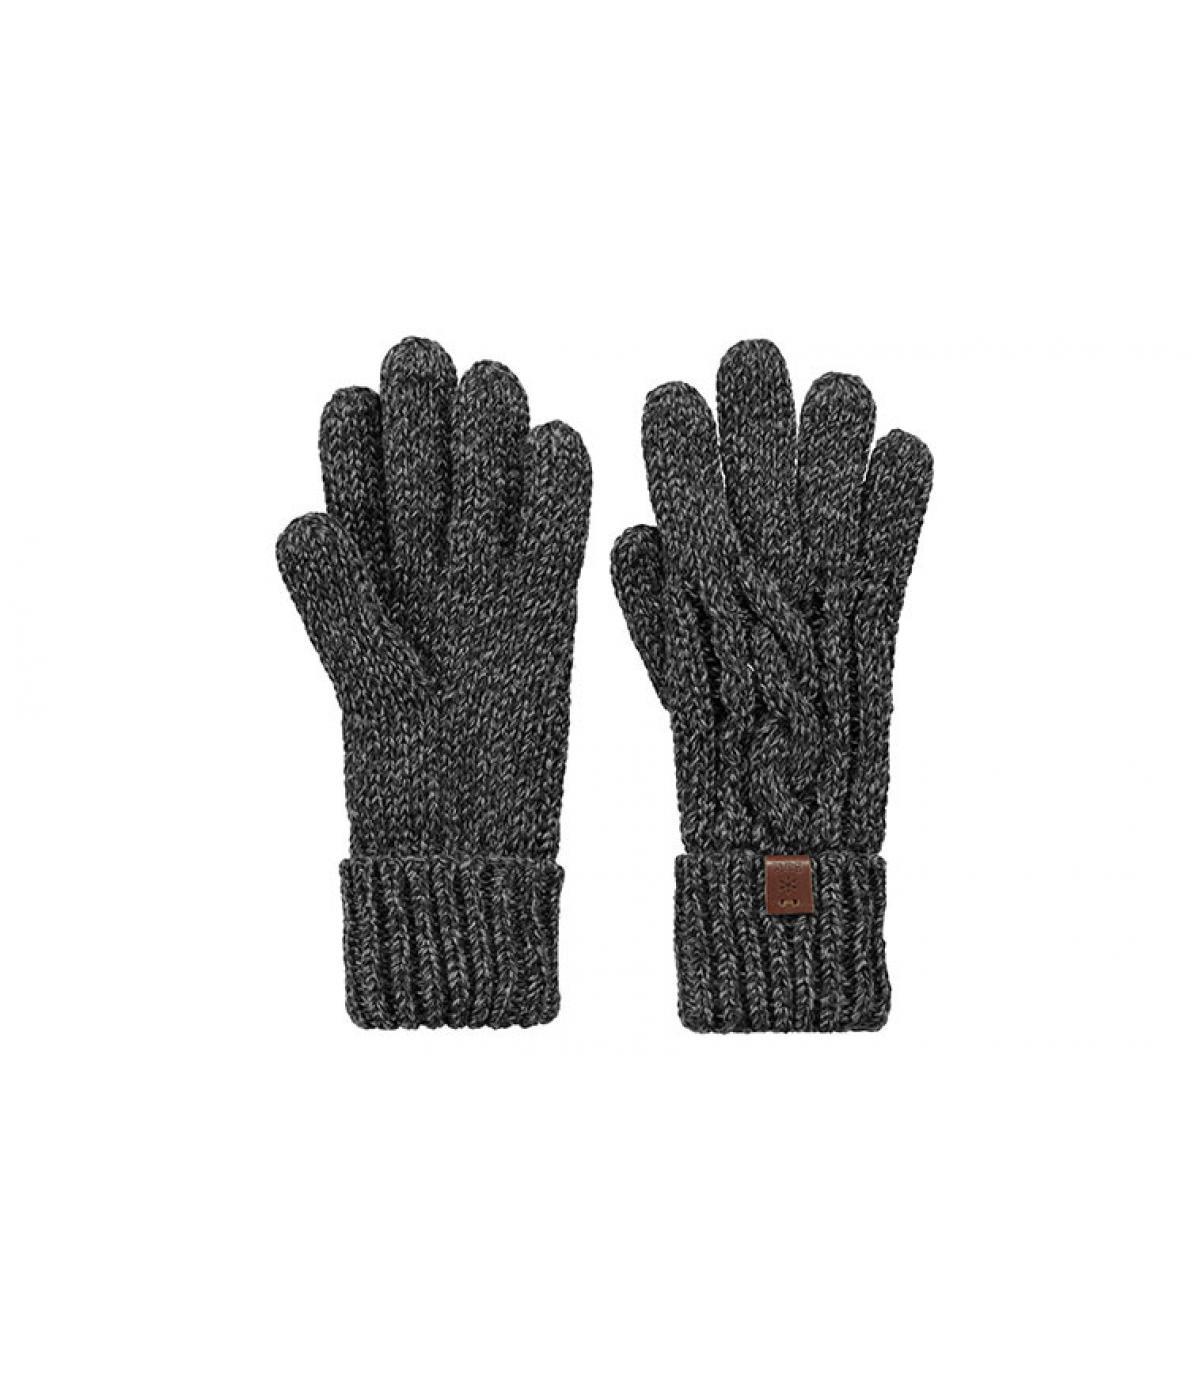 Details Twister Gloves black - Abbildung 2